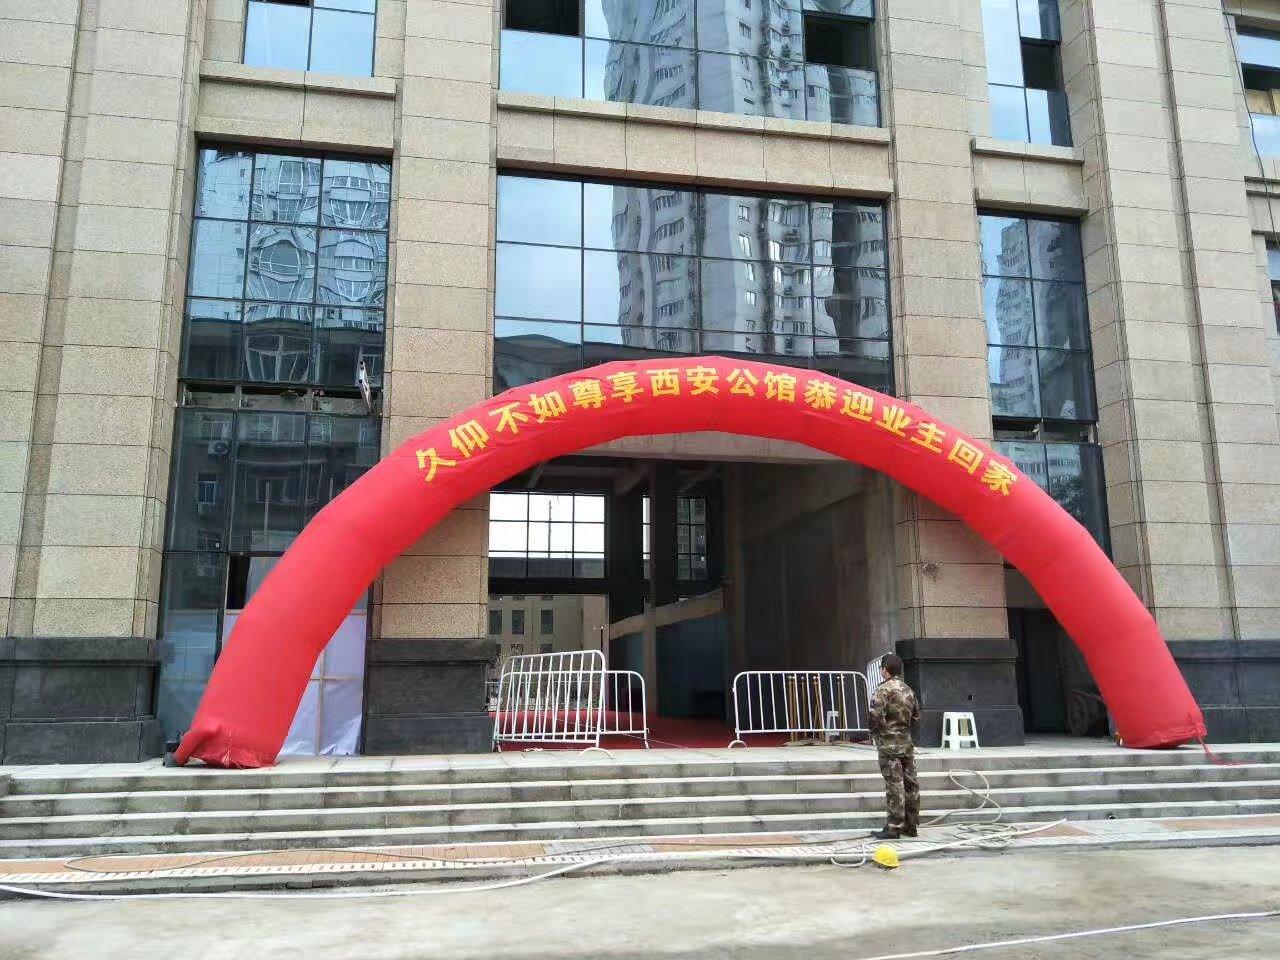 陕建一建集团第五直属工程公司西安公馆顺利向业主交房